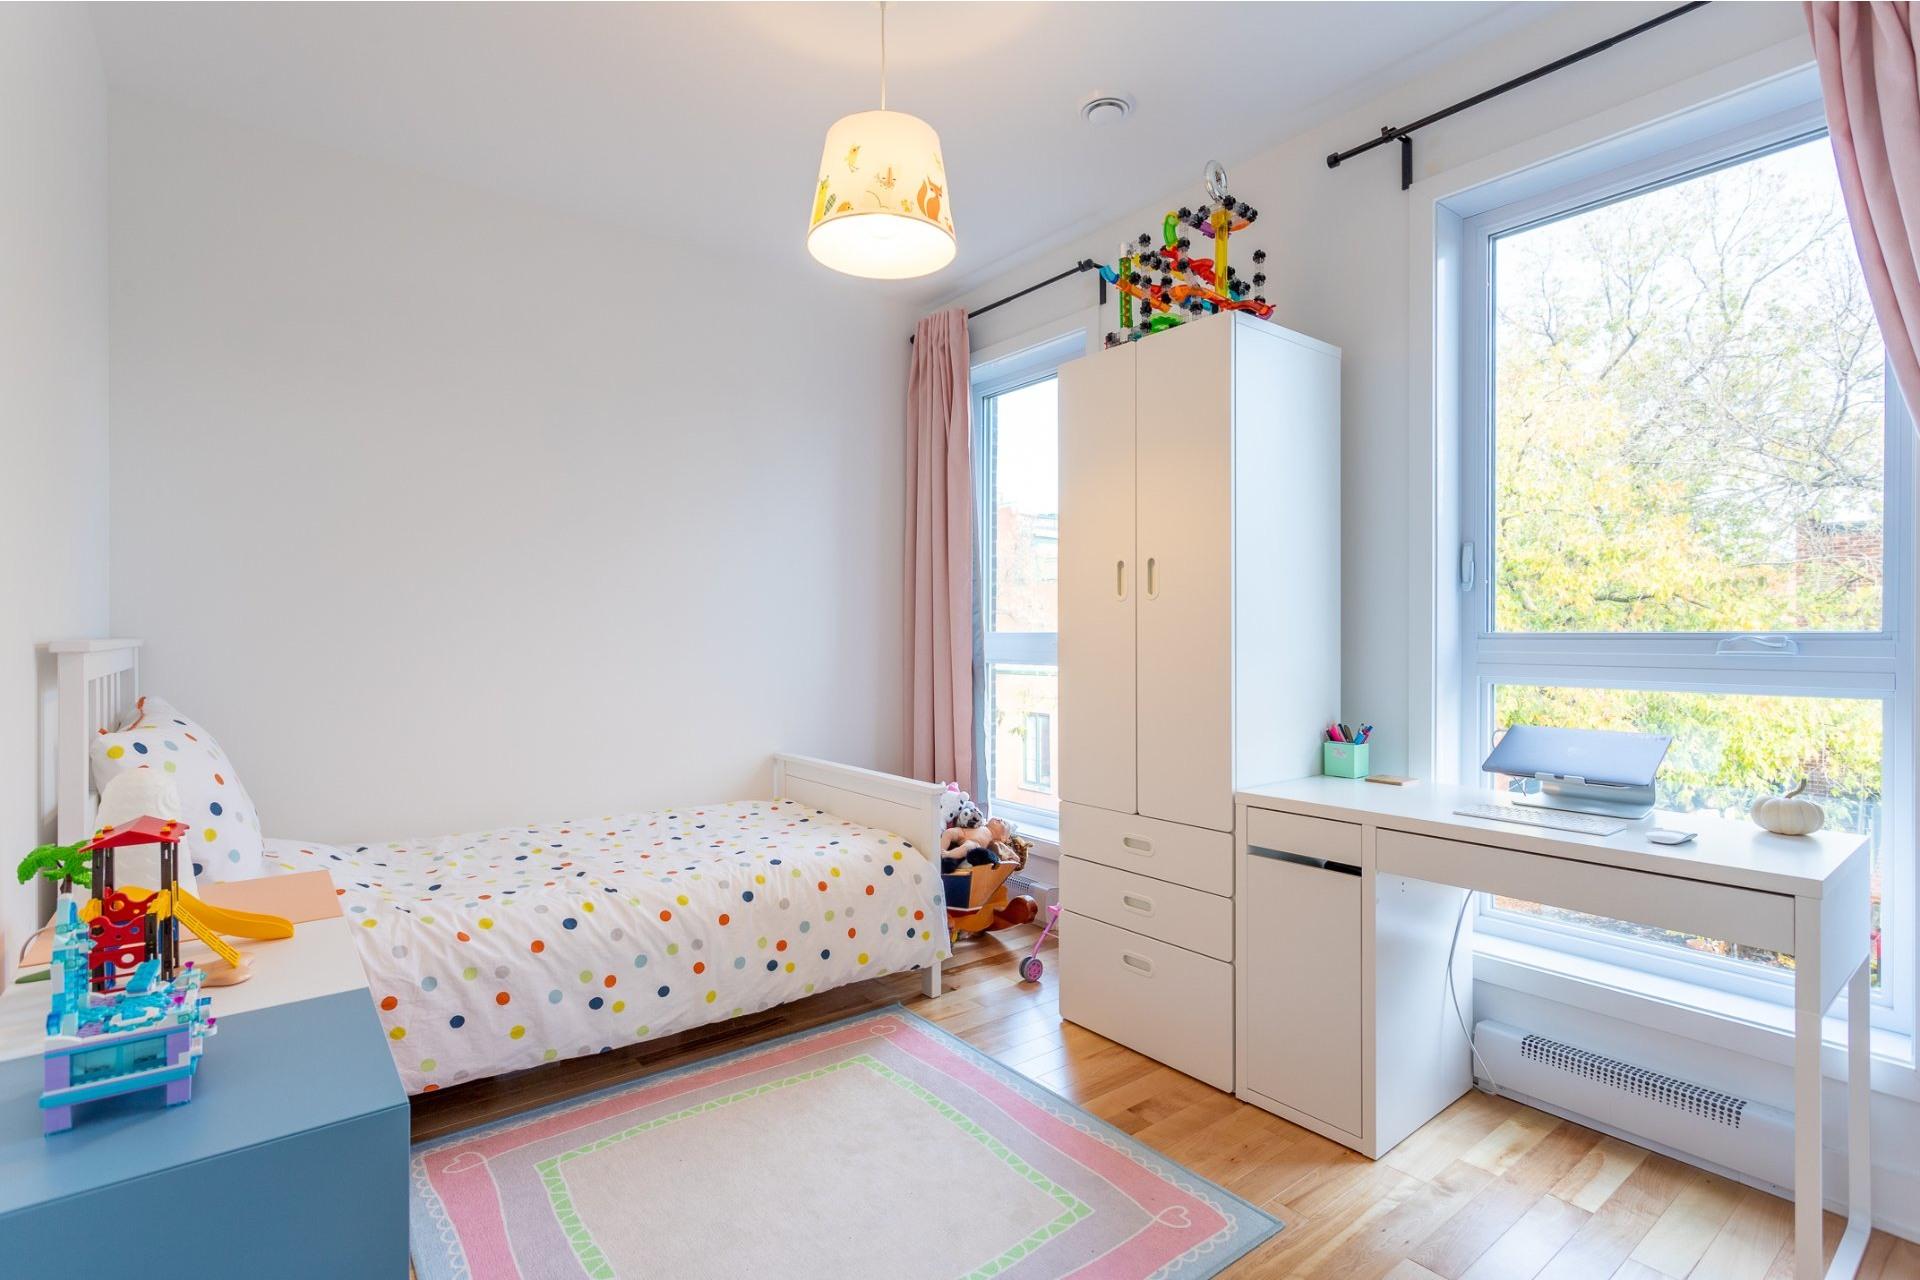 image 14 - Appartement À vendre Villeray/Saint-Michel/Parc-Extension Montréal  - 5 pièces